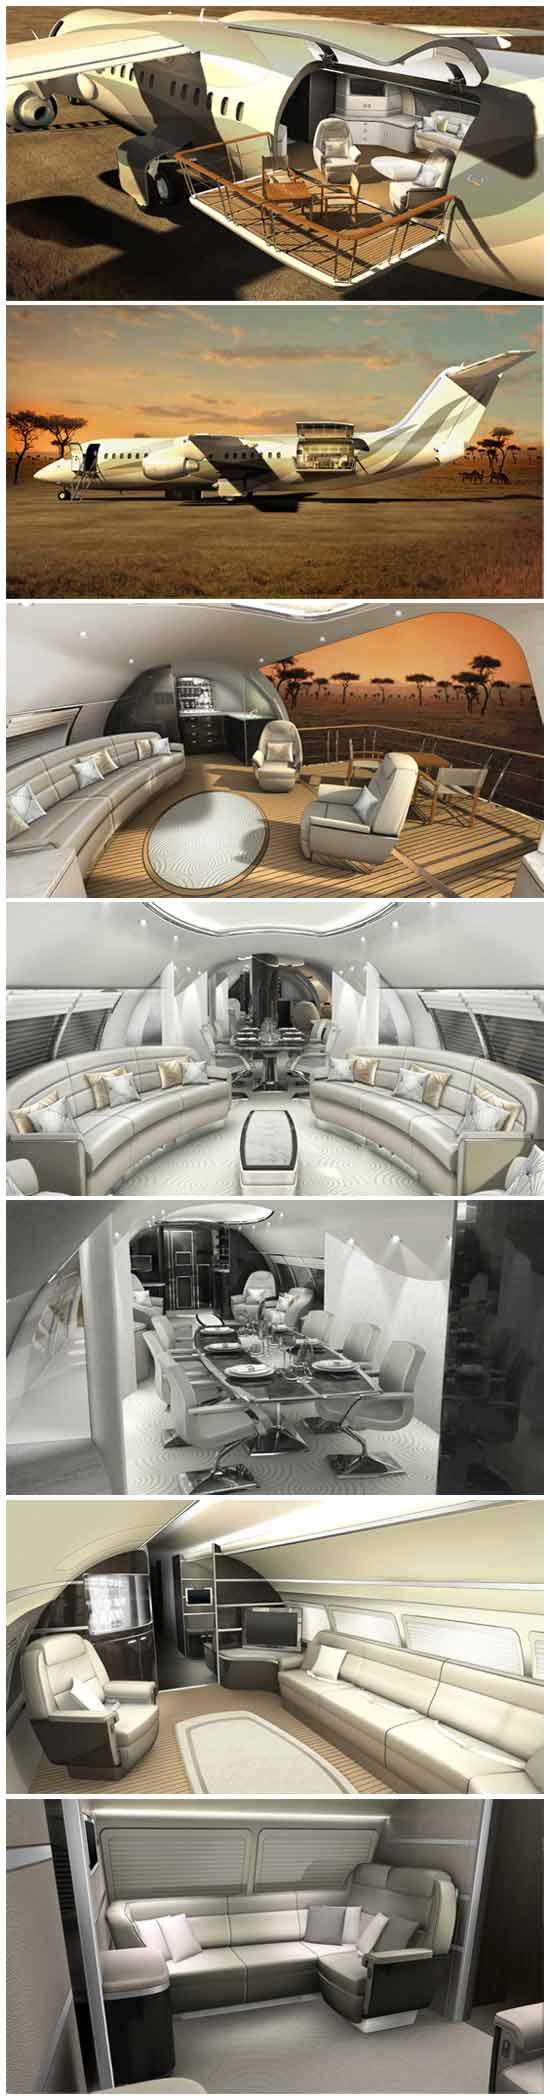 """Оригинальная задумка - балкон на самолете - """"Air Deck"""" - это самое необычное изобретение за всю историю авиастроения."""